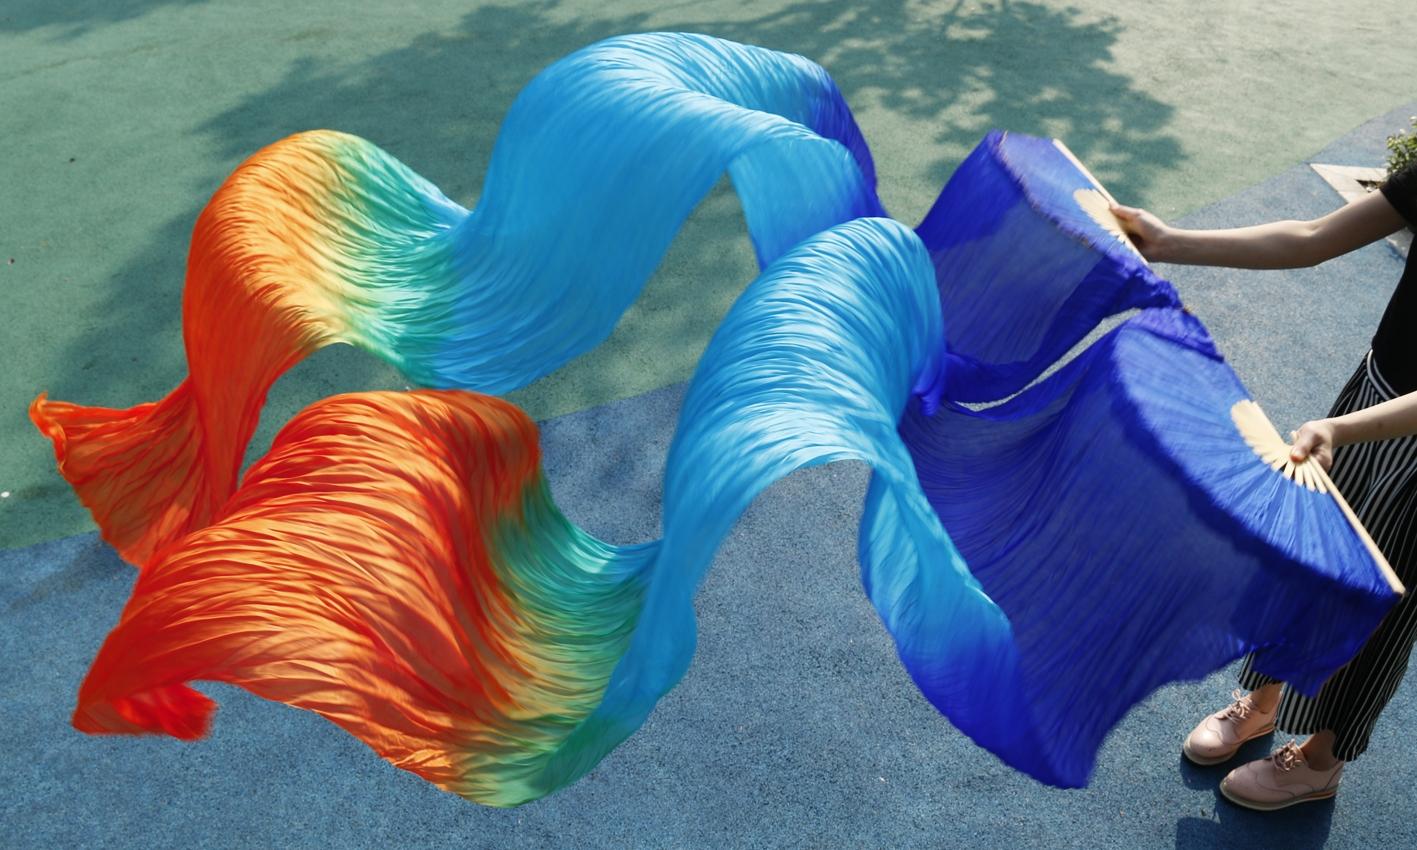 Веера-вейлы натуральные шелковые для восточных танцев (пара= 2штуки) - 11